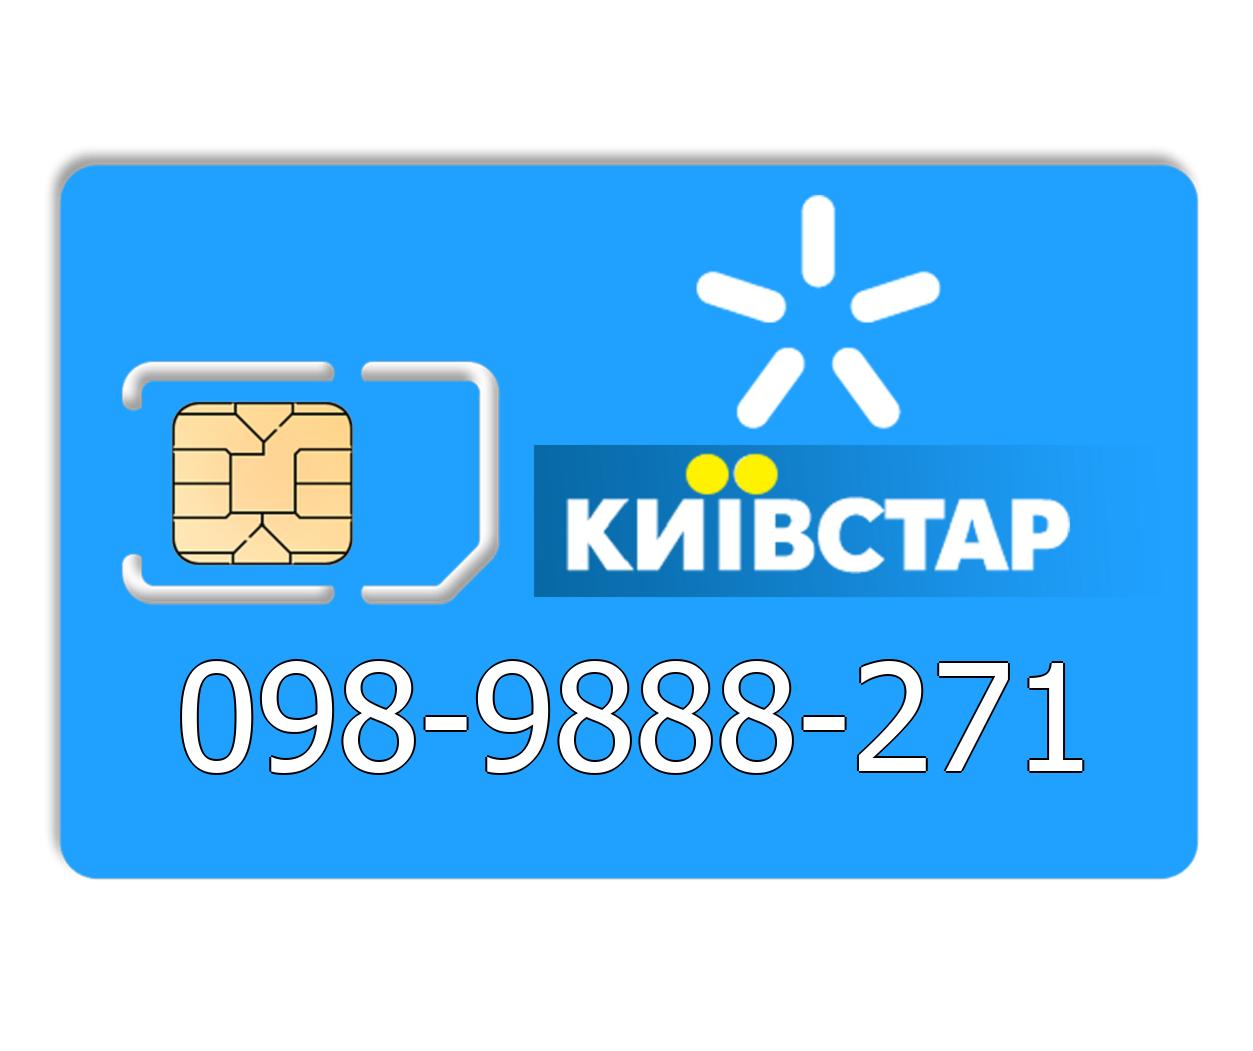 Красивый номер Киевстар 098-9888-271